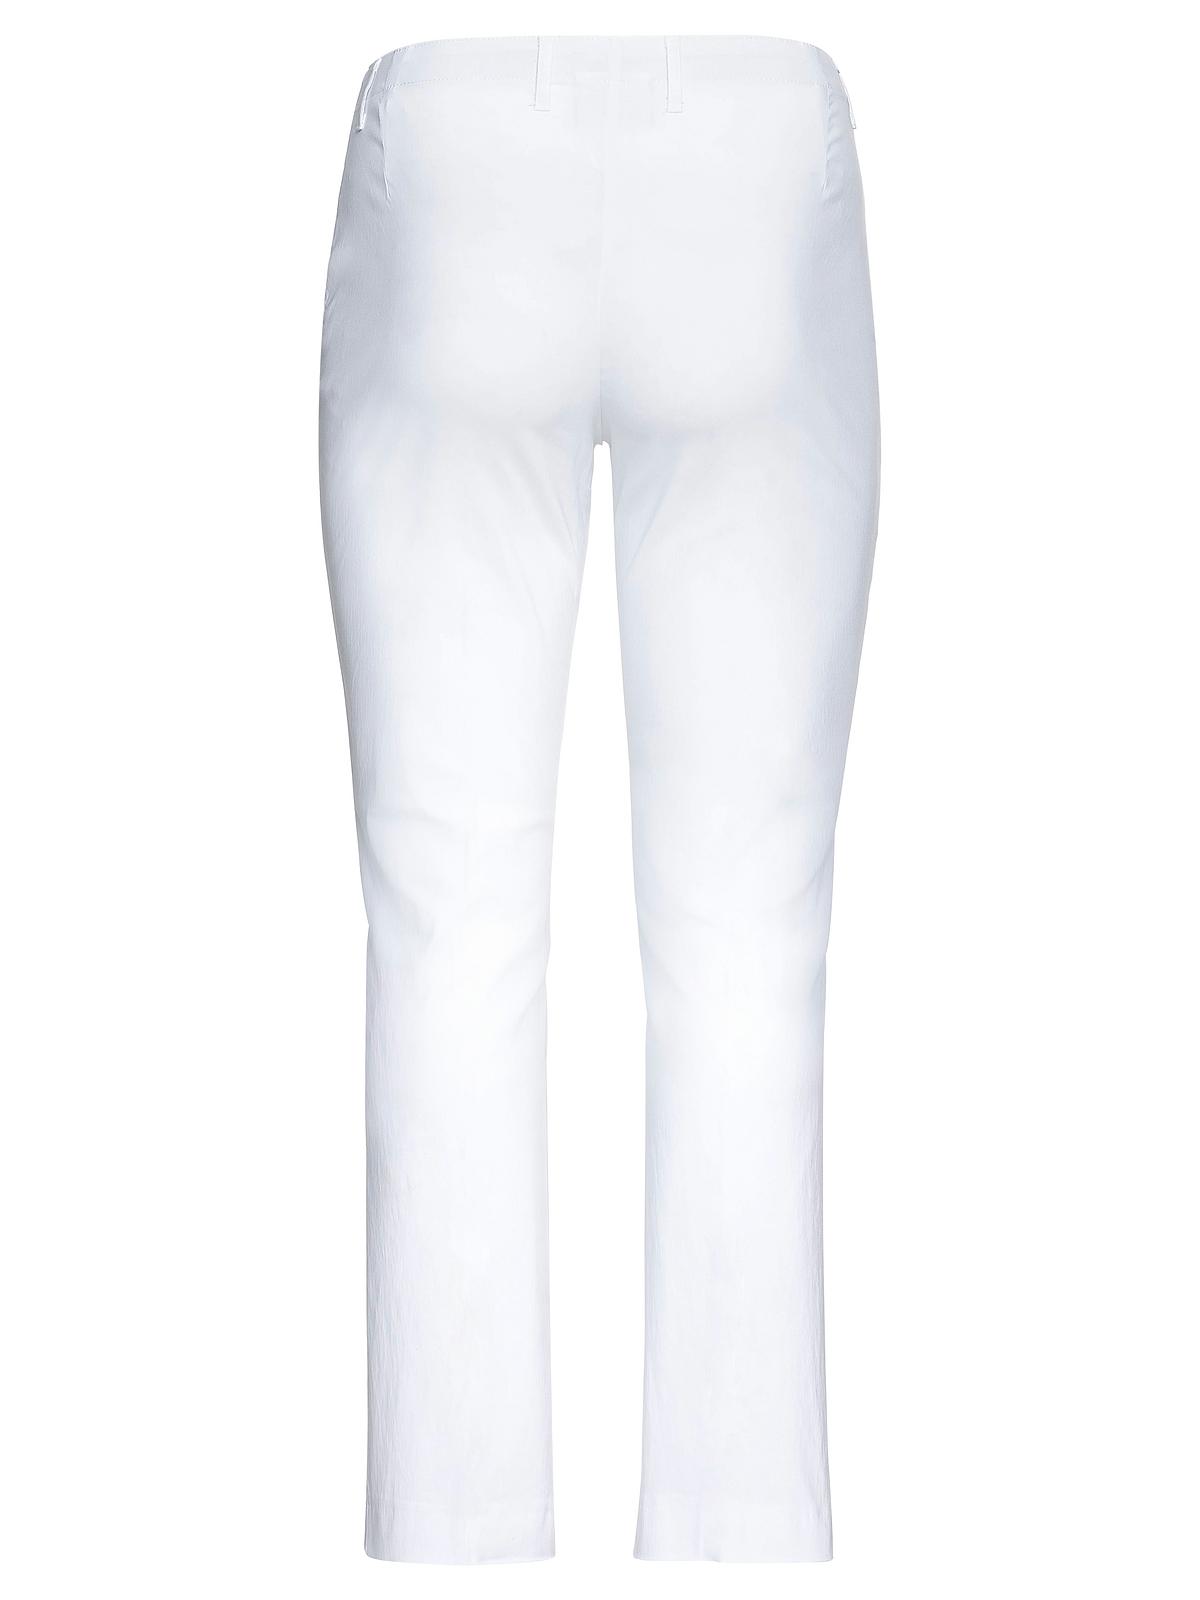 Sheego Bengalin-Hose in weiß günstig kaufen